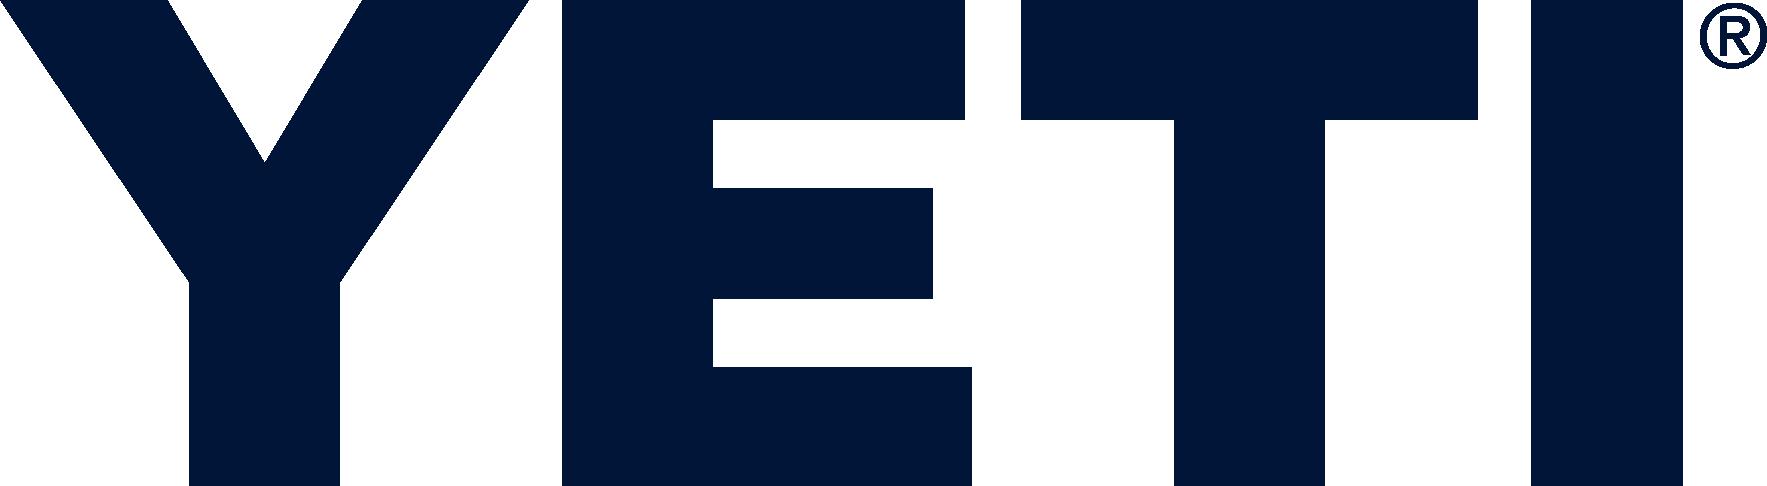 YETI-Navy (15).png